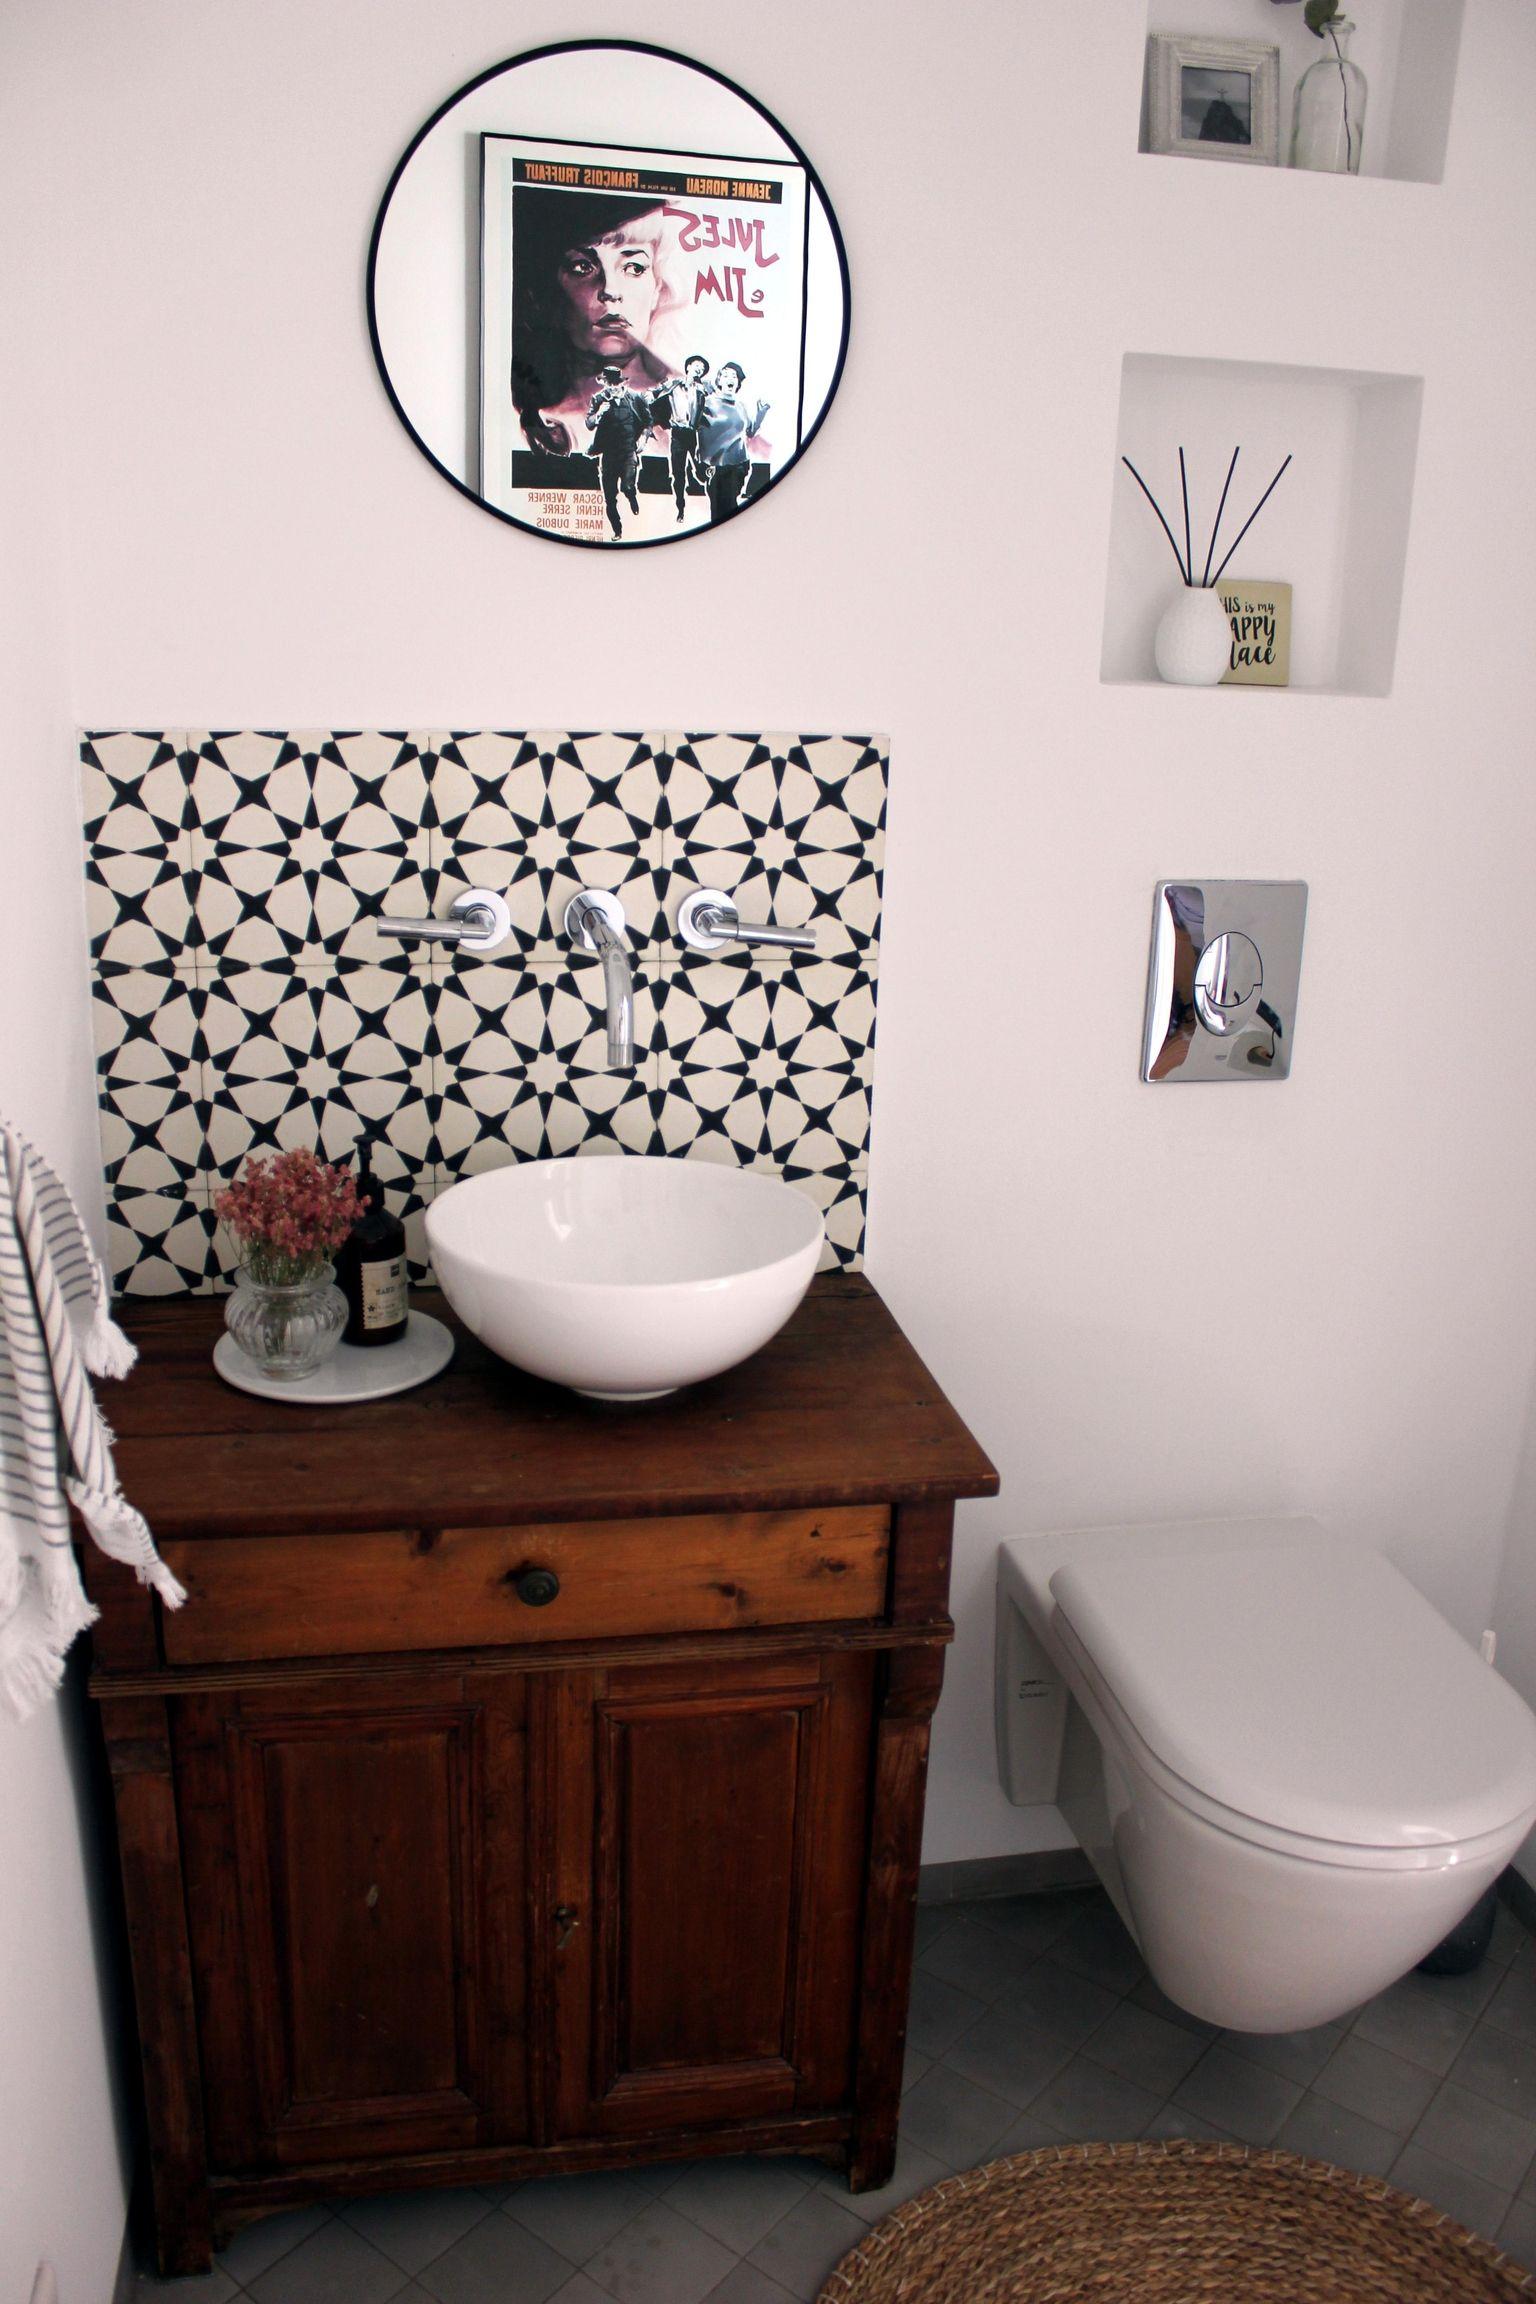 Icg Mag Die Kombi Fliesen Waschtisch Waschbecken Imm Waschtisch Waschbecken Unterschrank Waschbecken